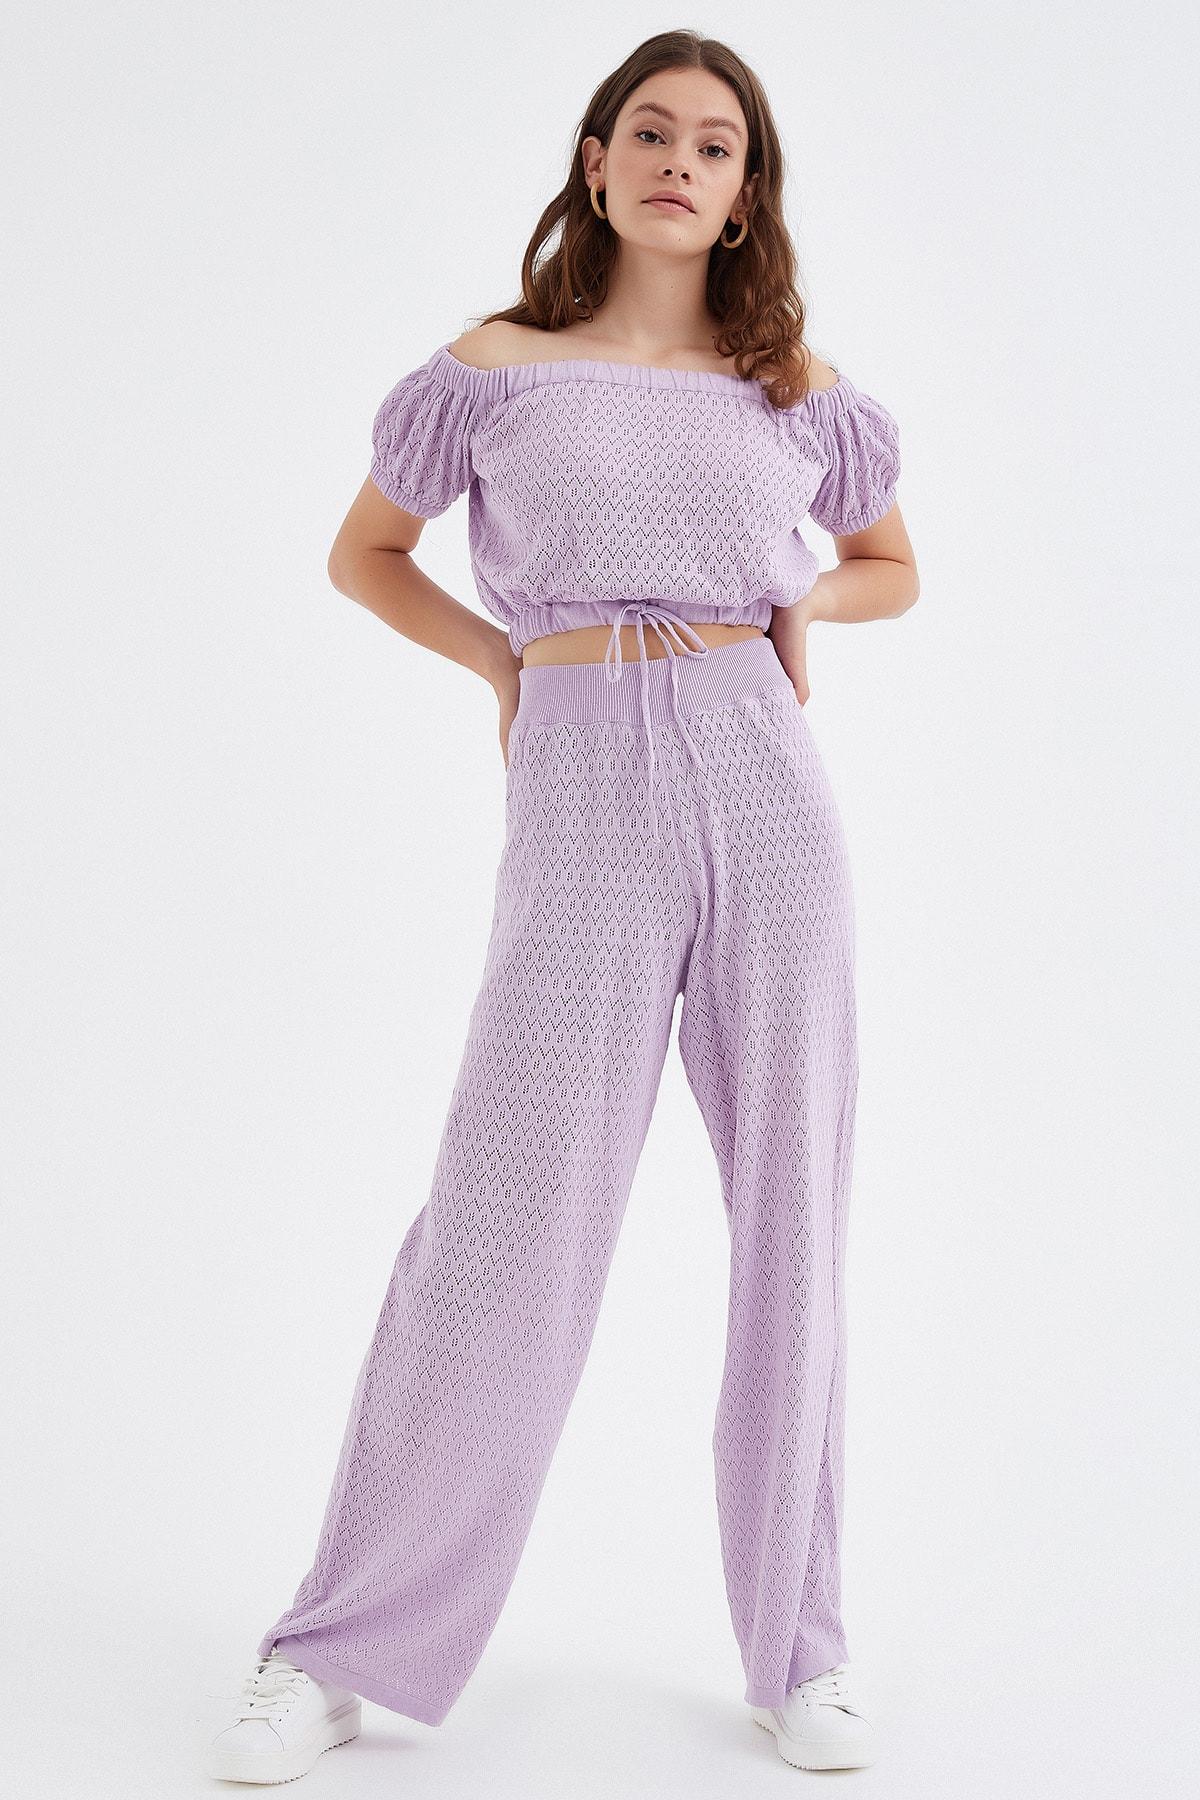 Nisan Triko Kadın Lila Ajurlu Triko Pantolon 2